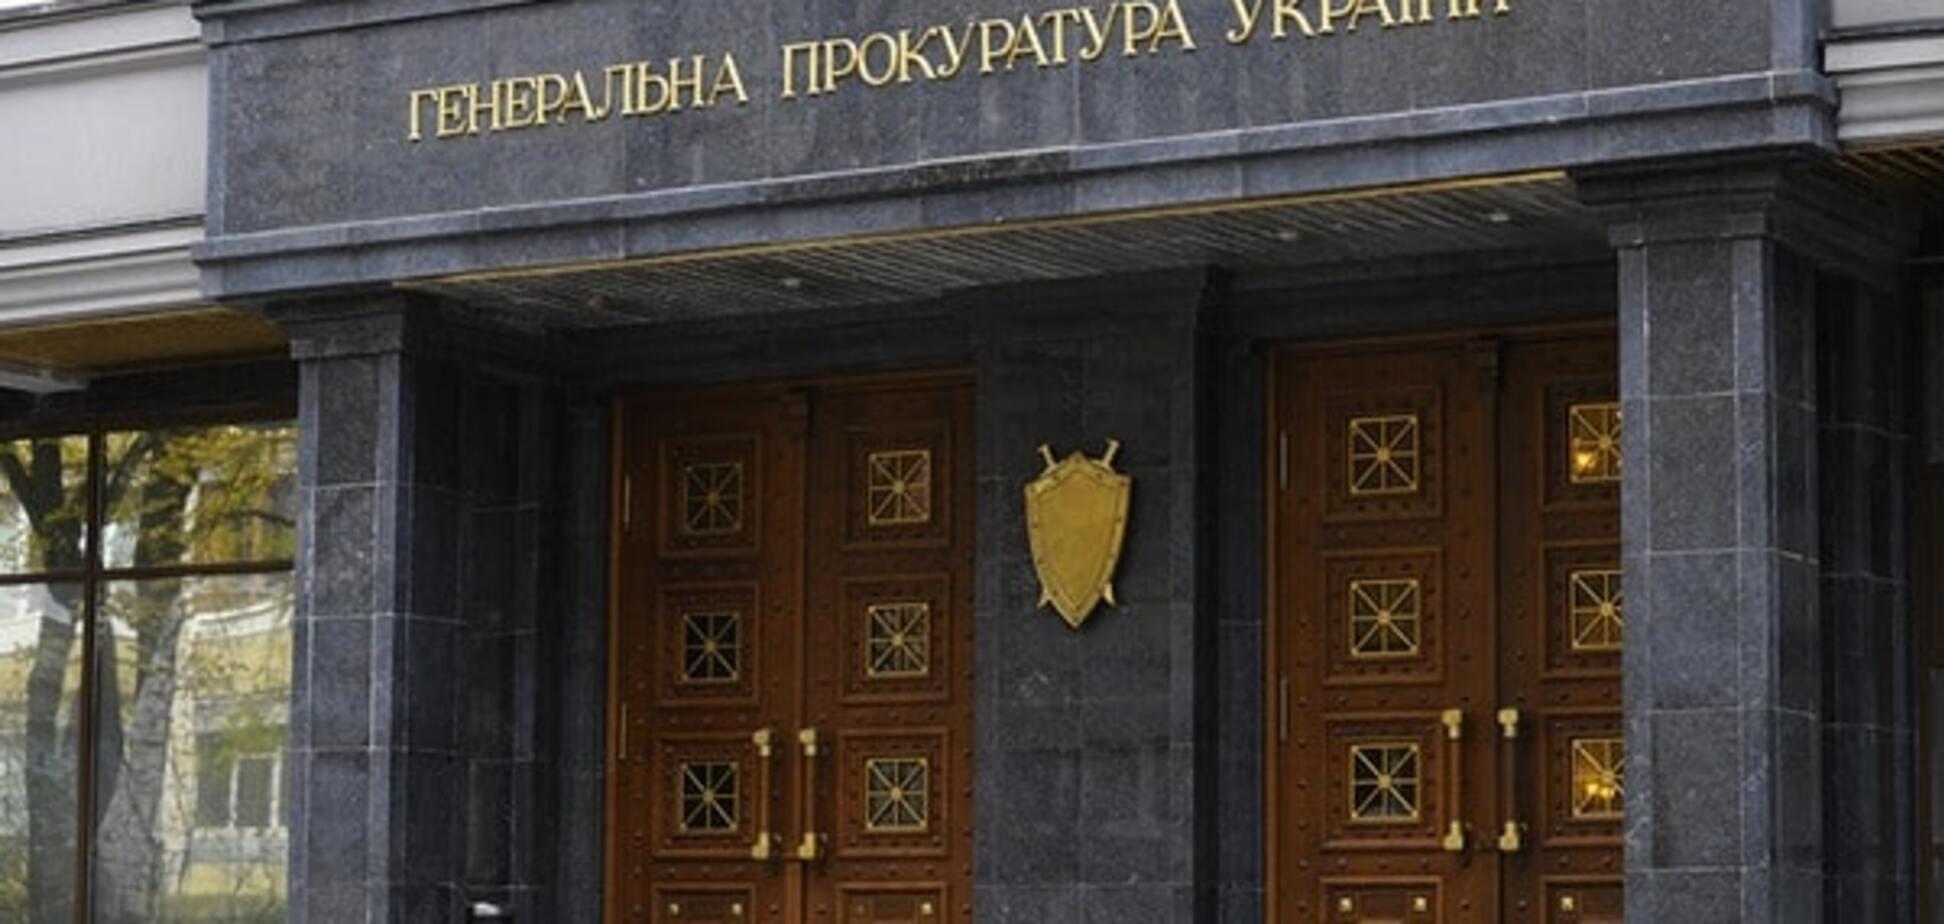 Скандал с 'ксивами': у Ляшко жестко высказались в адрес Луценко